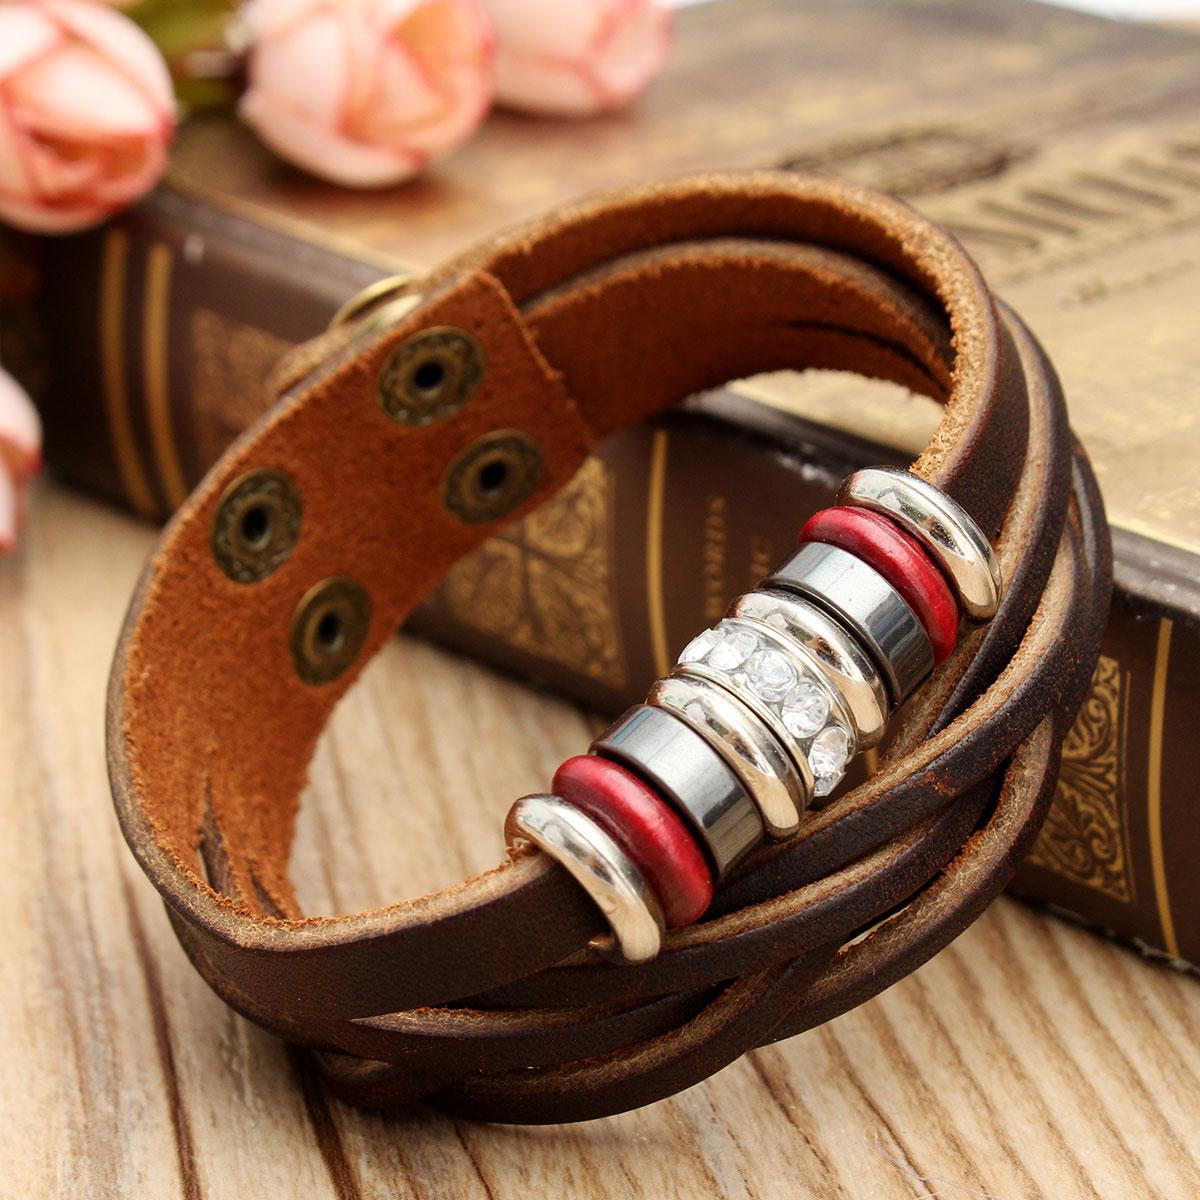 Wristband Bangle Bracelet